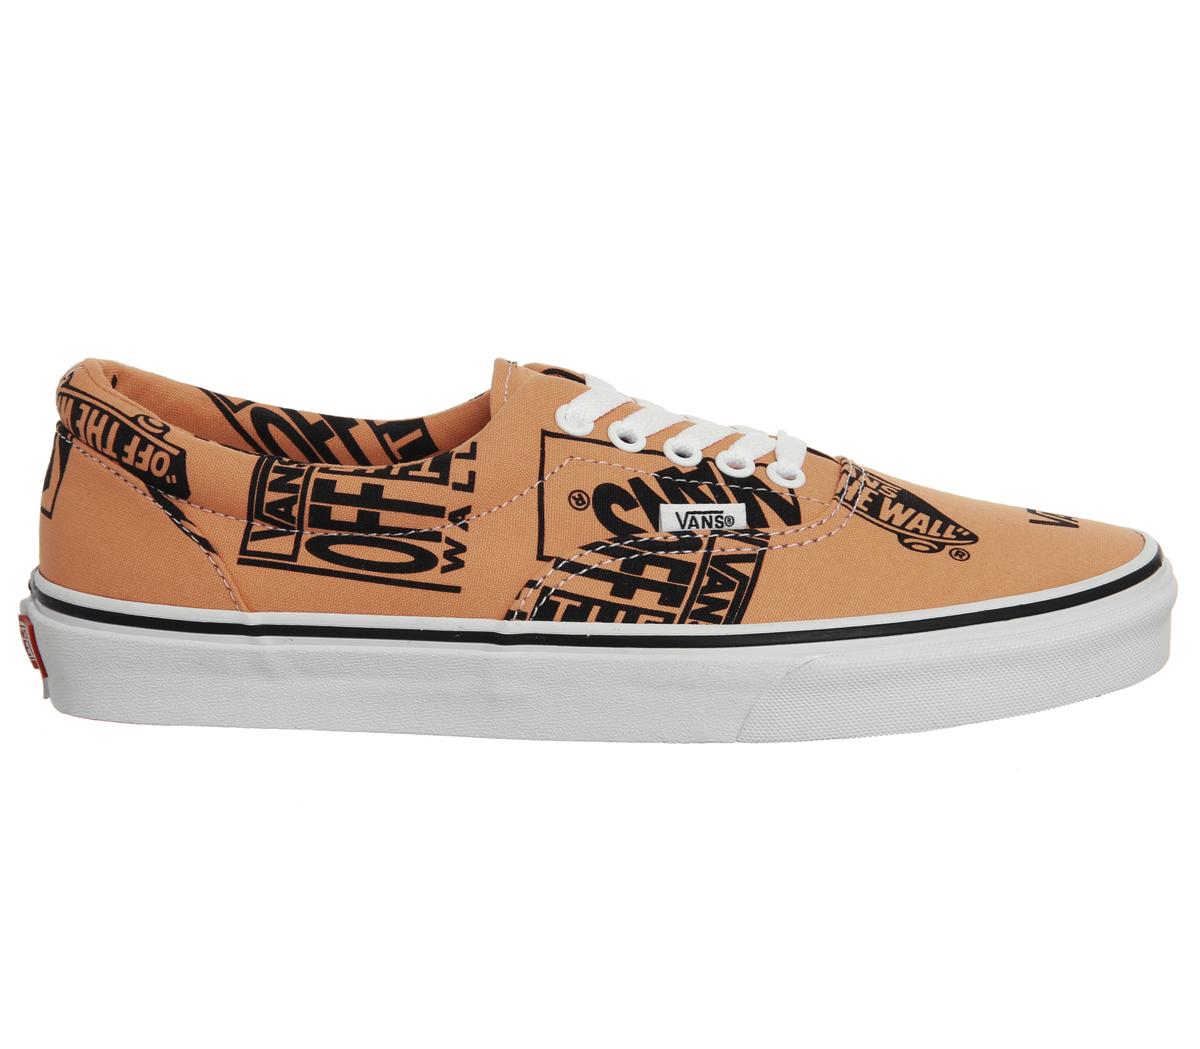 Mens Vans Era Trainers Tangerine Black Logo Trainers Shoes  514be0d7c0